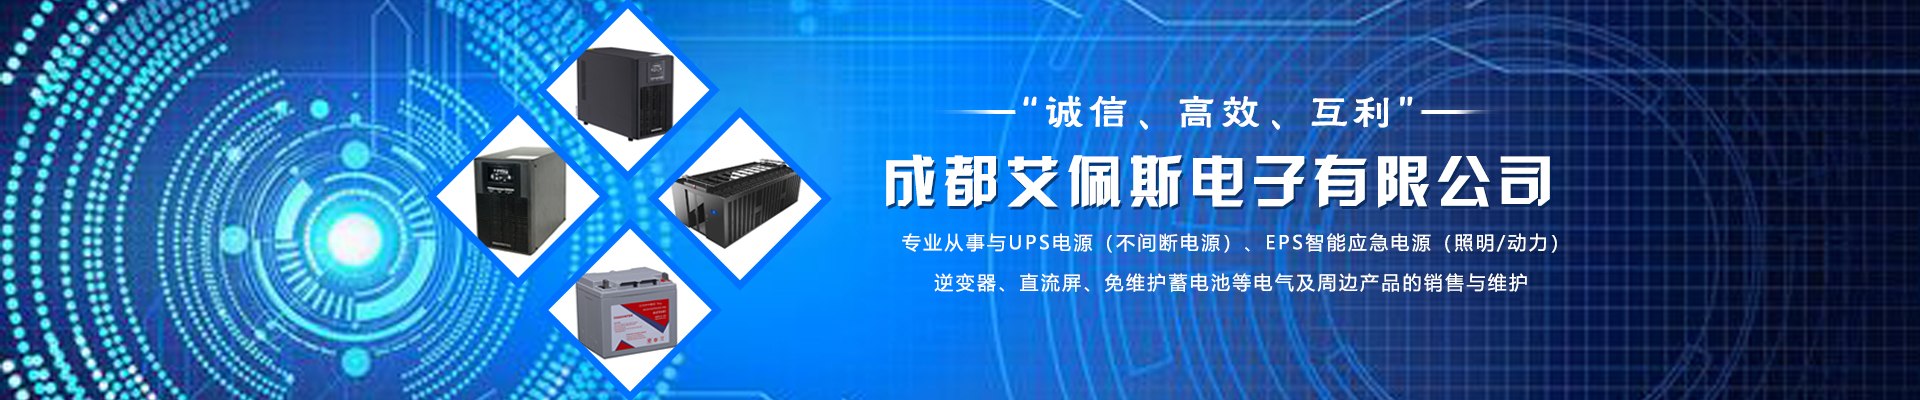 成都AG亚游国际電子有限公司是一家動環監控廠家